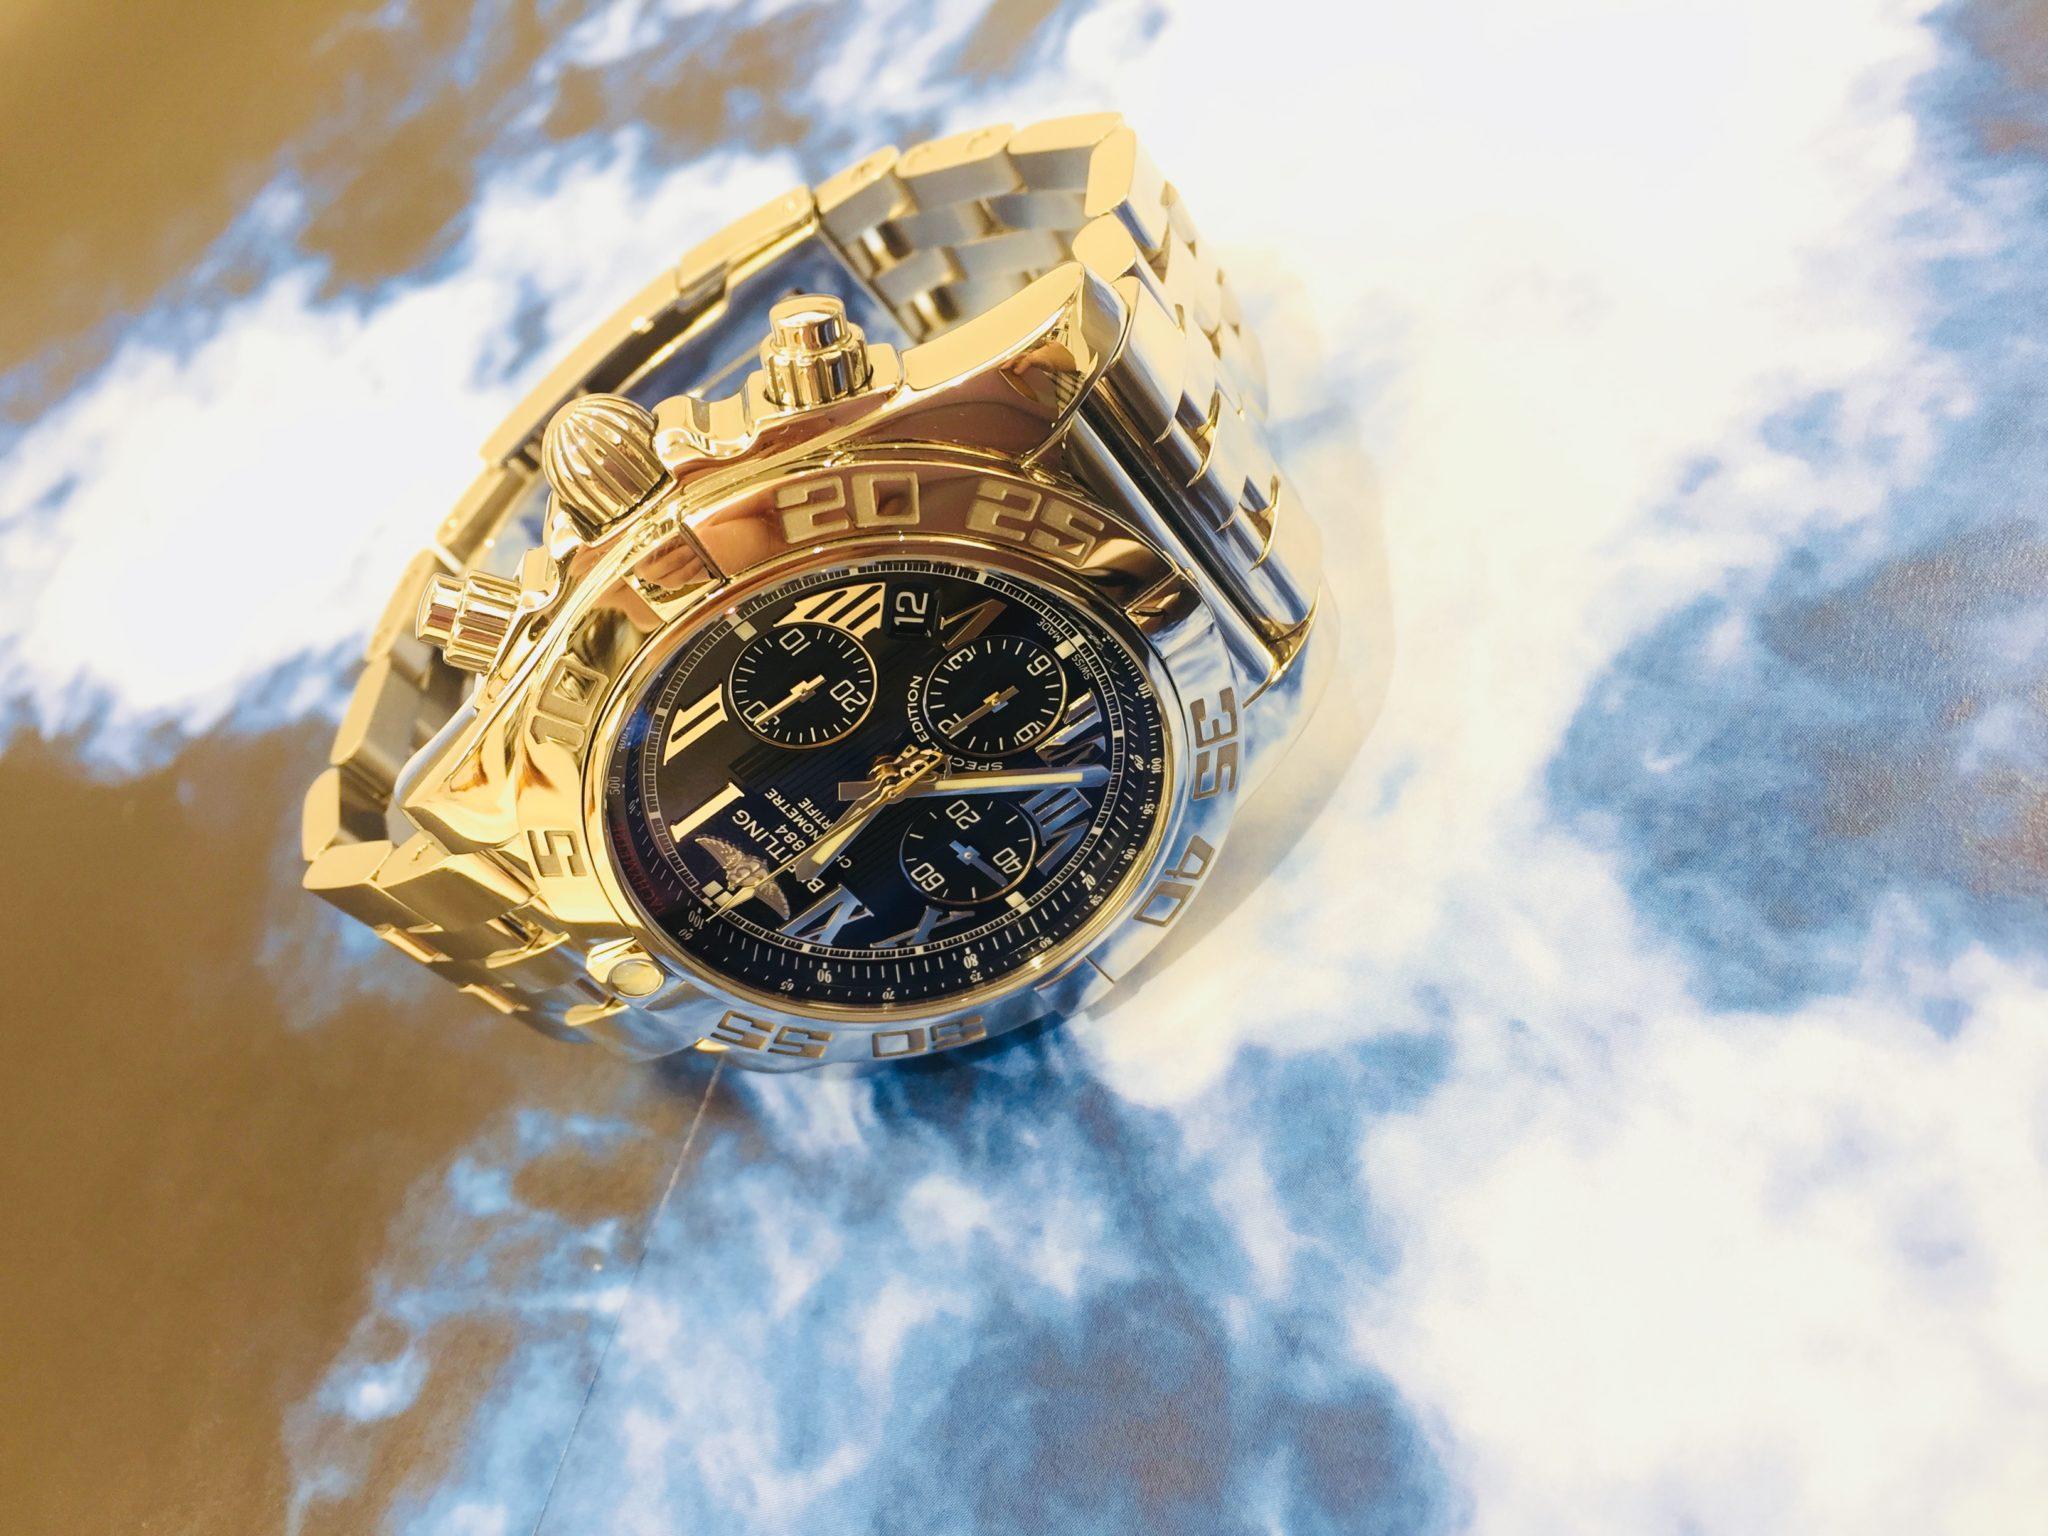 【盛岡 時計 販売】BREITLING ブライトリング クロノマット44 AB011012/BD89 自動巻き時計